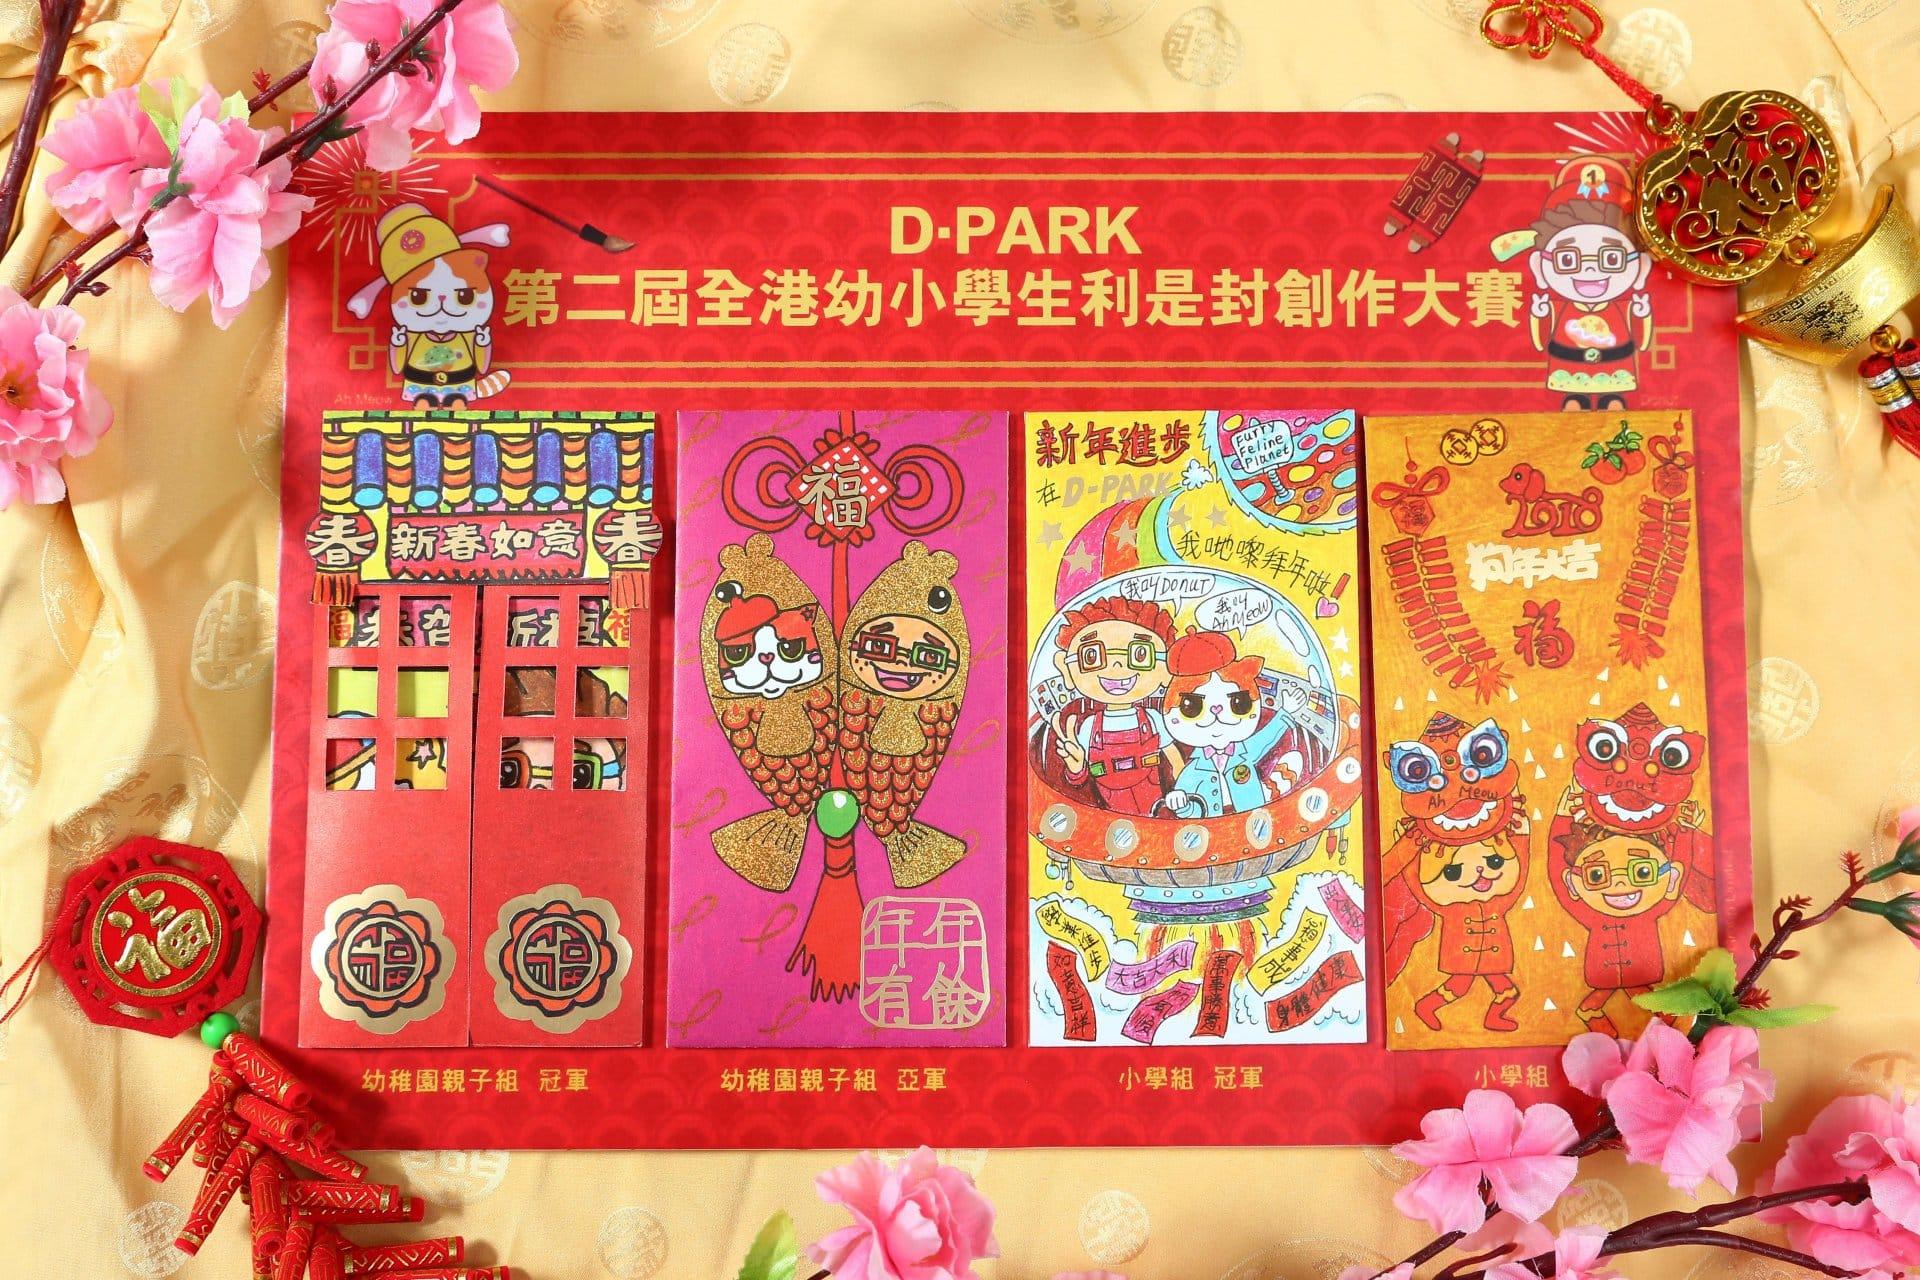 愉景新城D-park: 童創新禧利是封 全港幼小學生利是封創作大賽得獎作品   NearSnake.com